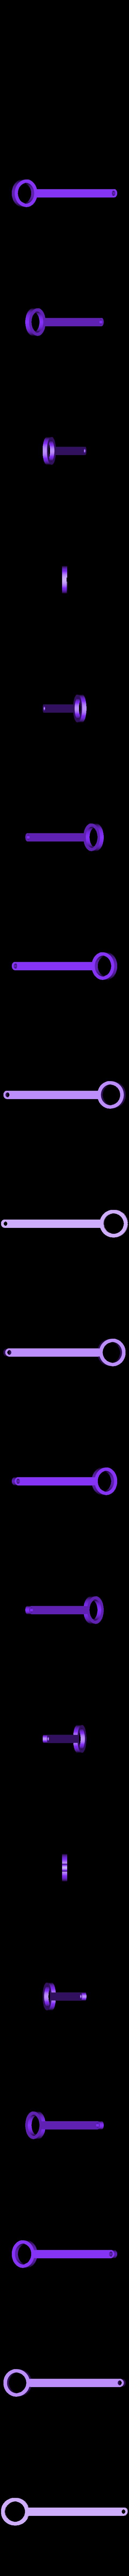 filament_guide.stl Télécharger fichier STL gratuit Filament Spool Wall Mount + Hub • Plan imprimable en 3D, ferjerez3d